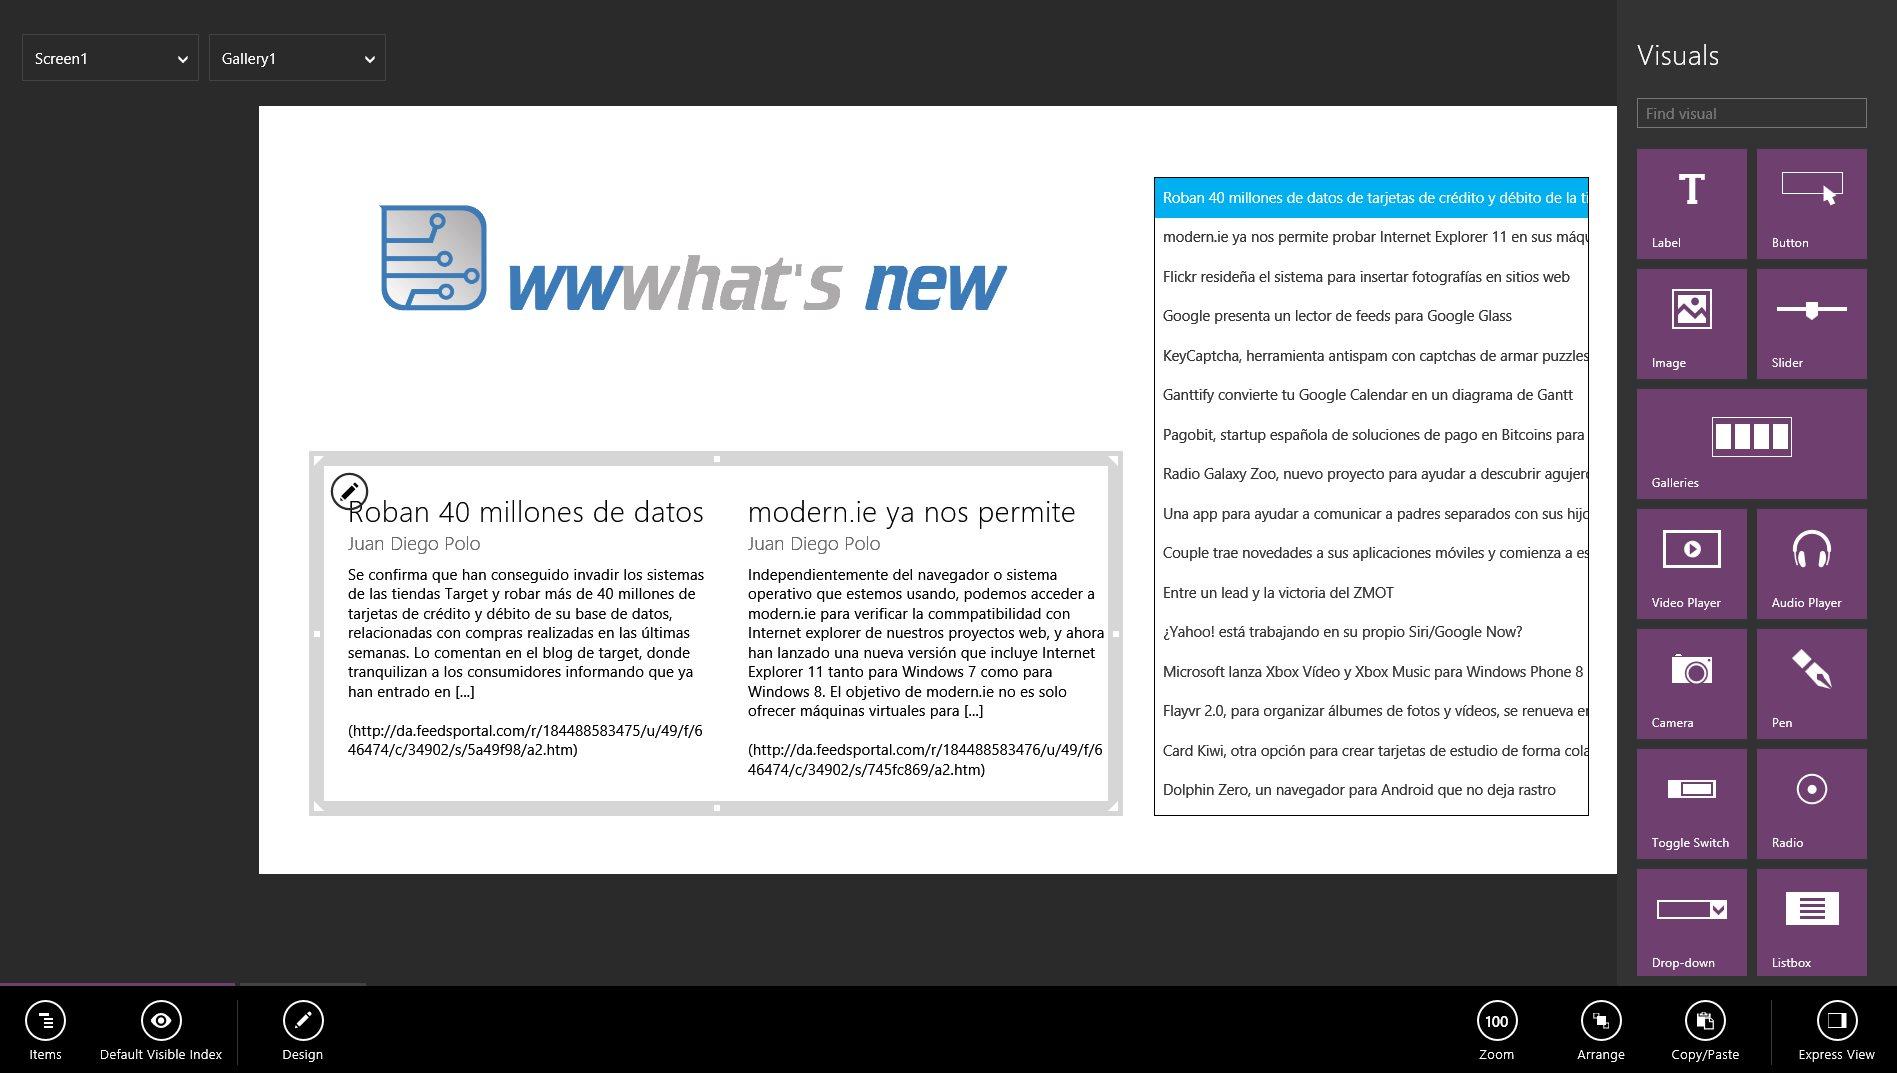 Microsoft lanza constructor de aplicaciones para Windows 8